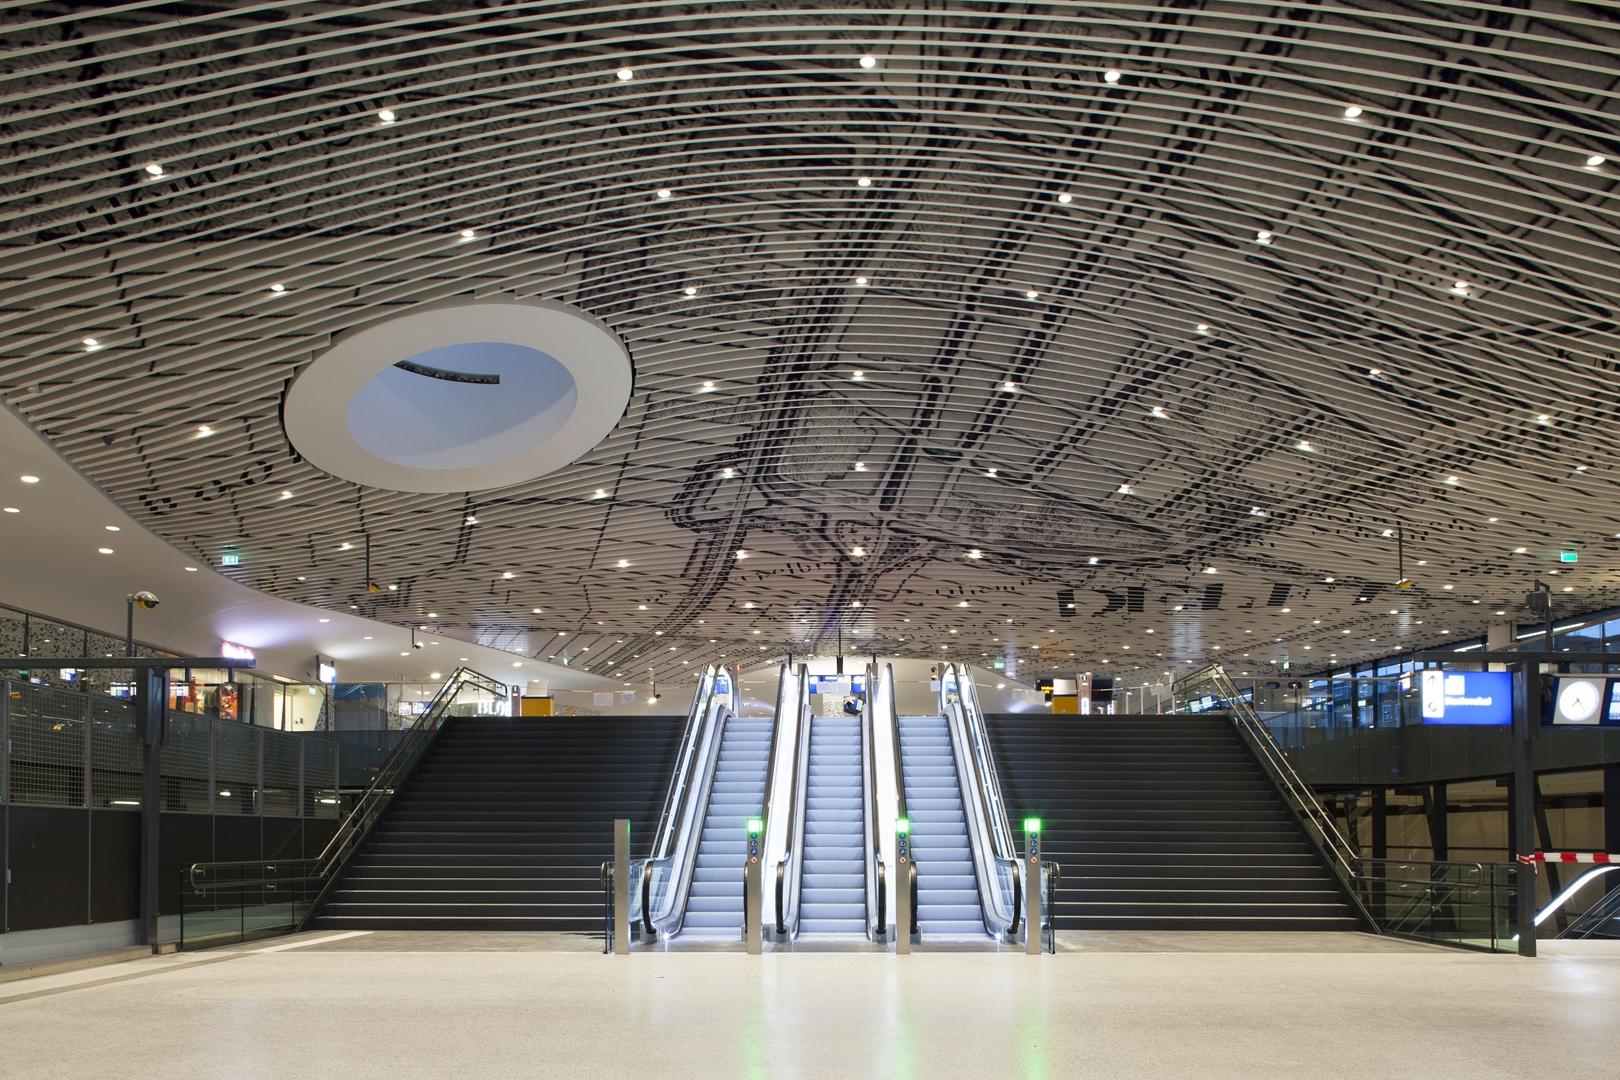 Foto Mecanoo_Stationshal Delft_07 (Copy)